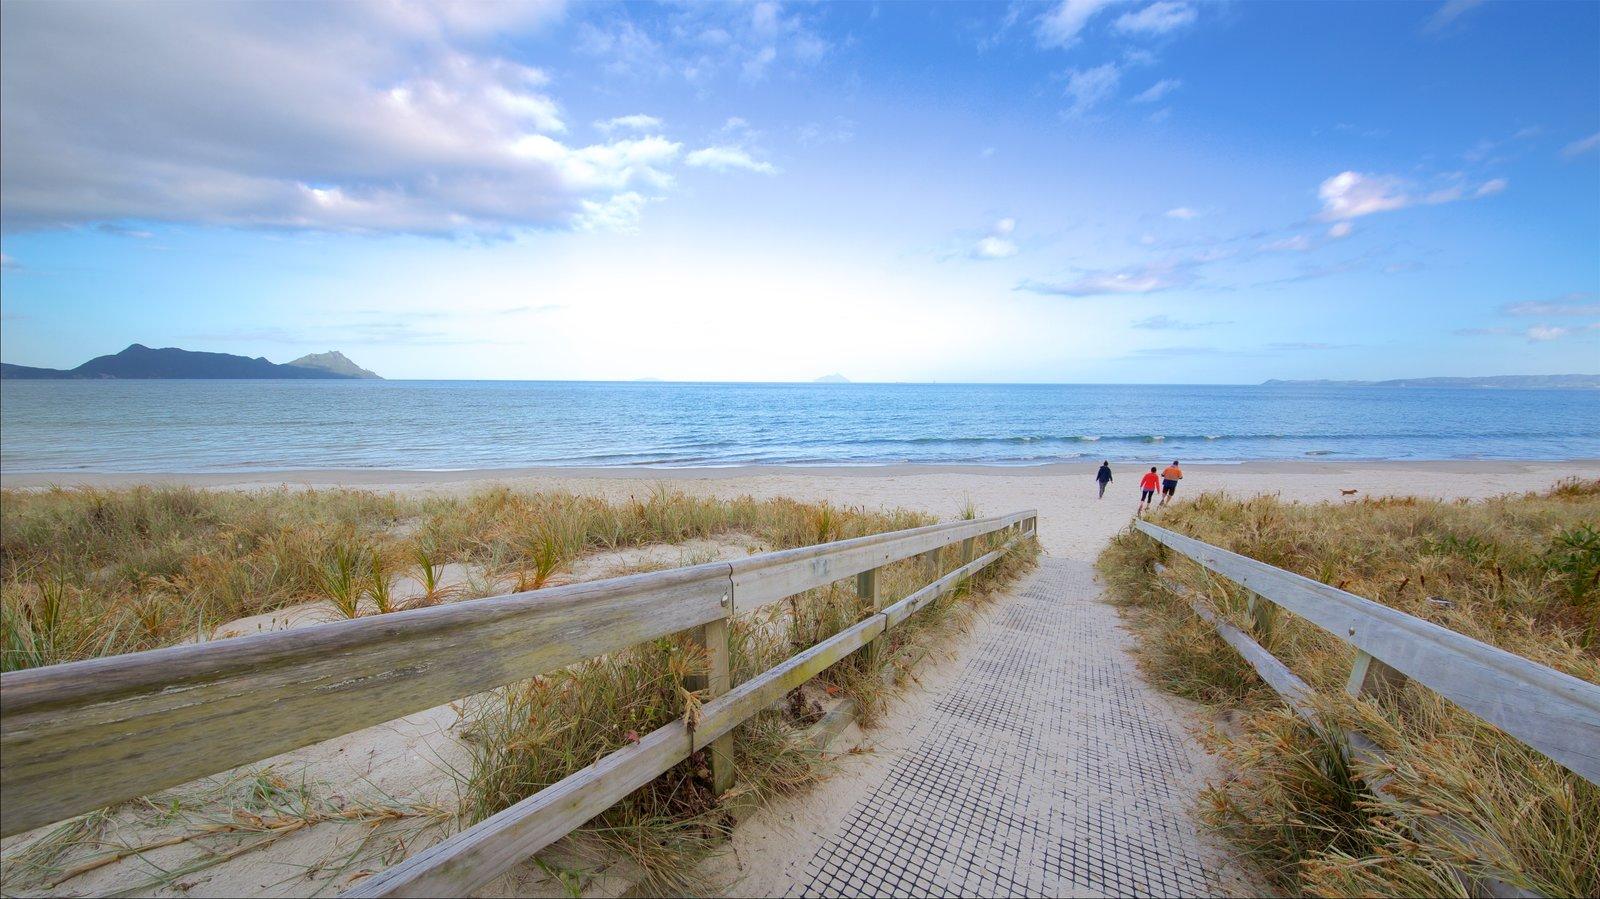 Whangarei Heads que incluye vistas generales de la costa y una playa y también un pequeño grupo de personas